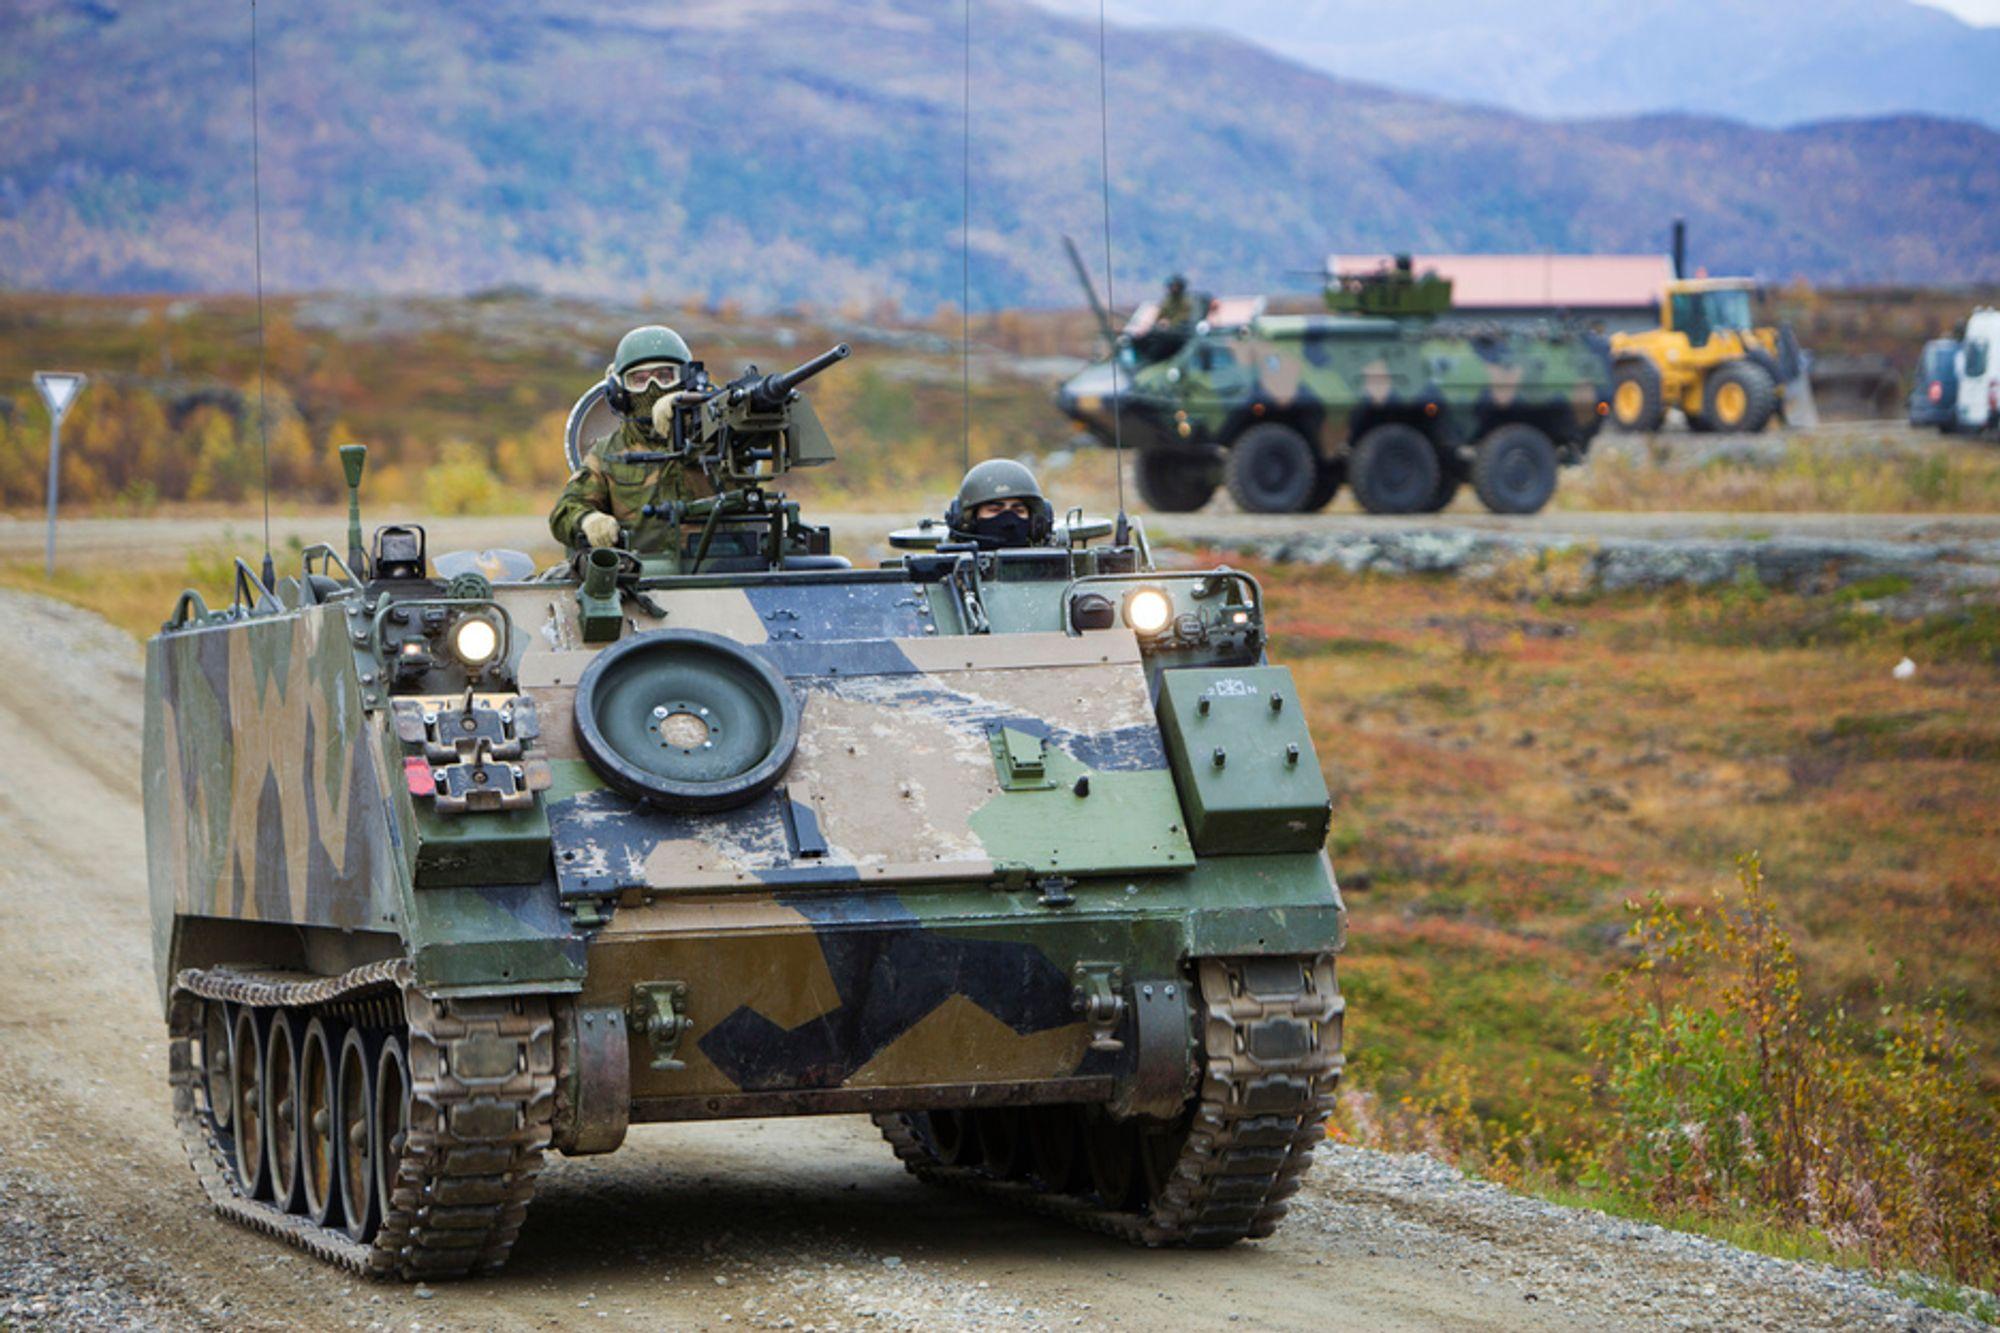 Tungtransport i forbindelse med øvelser vil nå i mye større grad skje innenfor skytefeltene Mauken og Blåtind etter sammenbindingen. Fram til nå har mye transport gått langs offentlig vei.